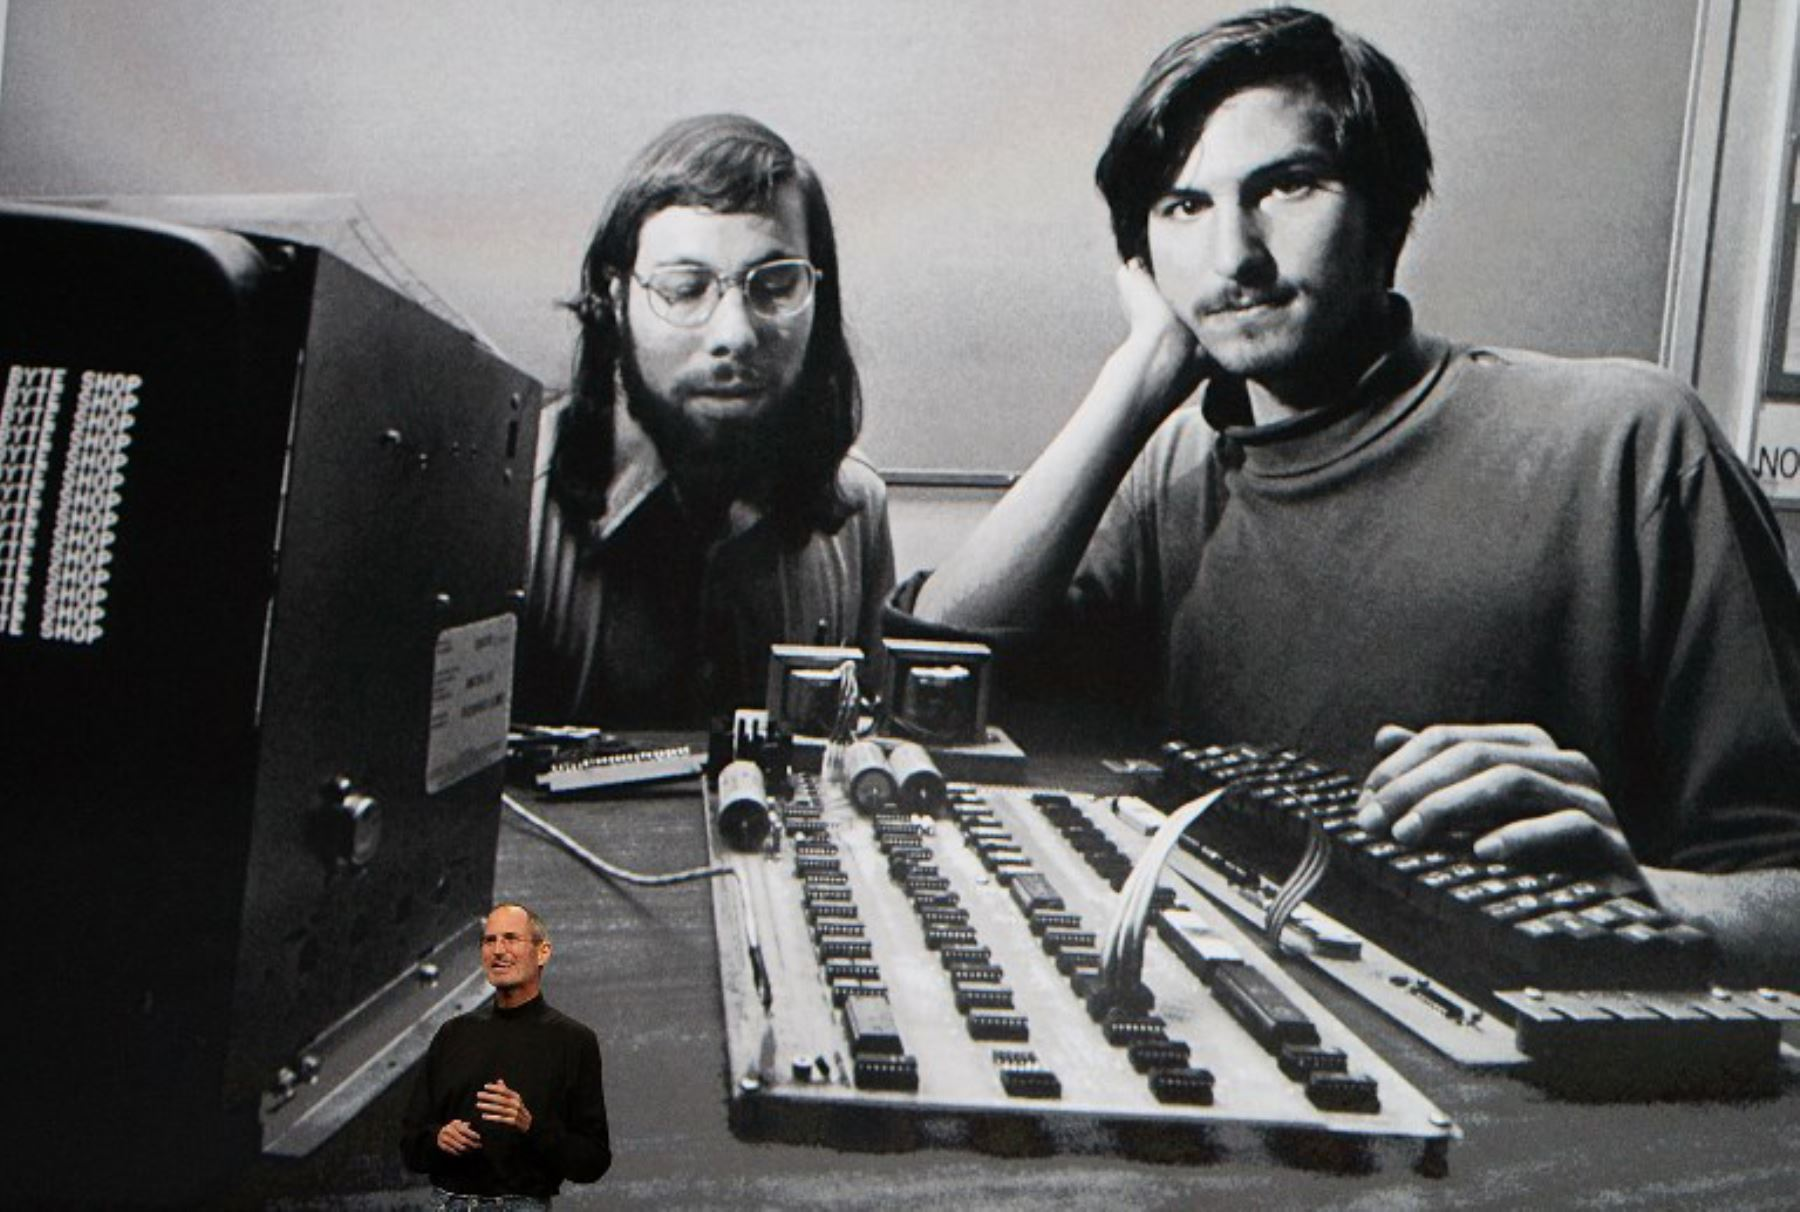 El cofundador de Apple nació hace 65 años y dejó en vida muchas frases de inspiración.